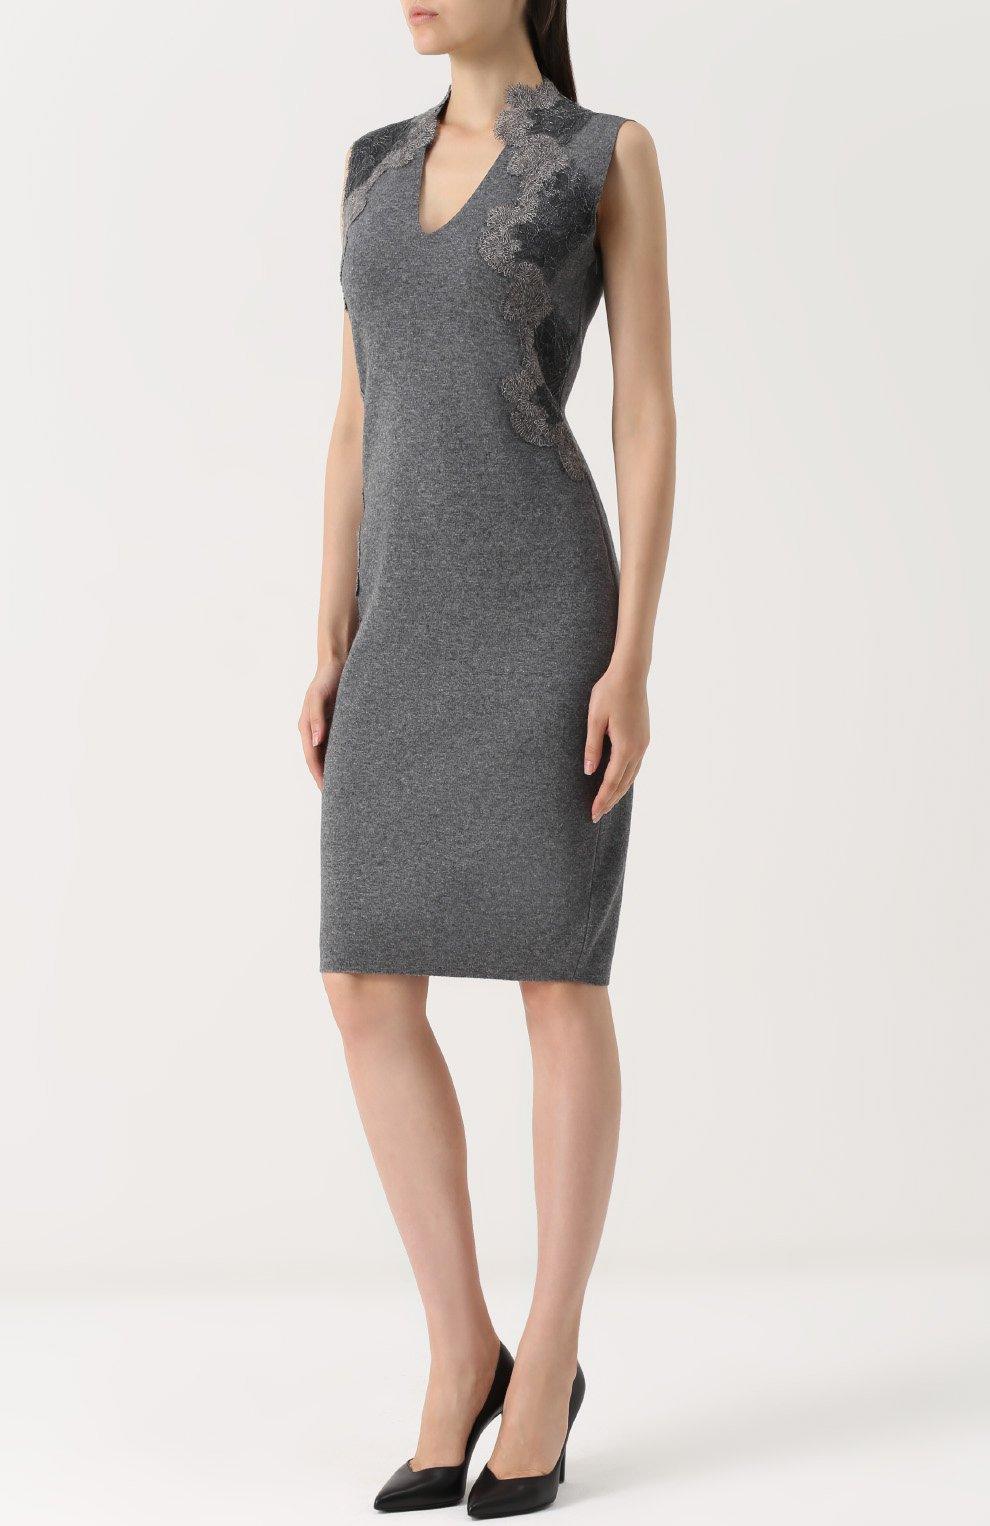 a4923d294b3 Женское темно-серое вязаное платье-футляр с кружевной отделкой D ...